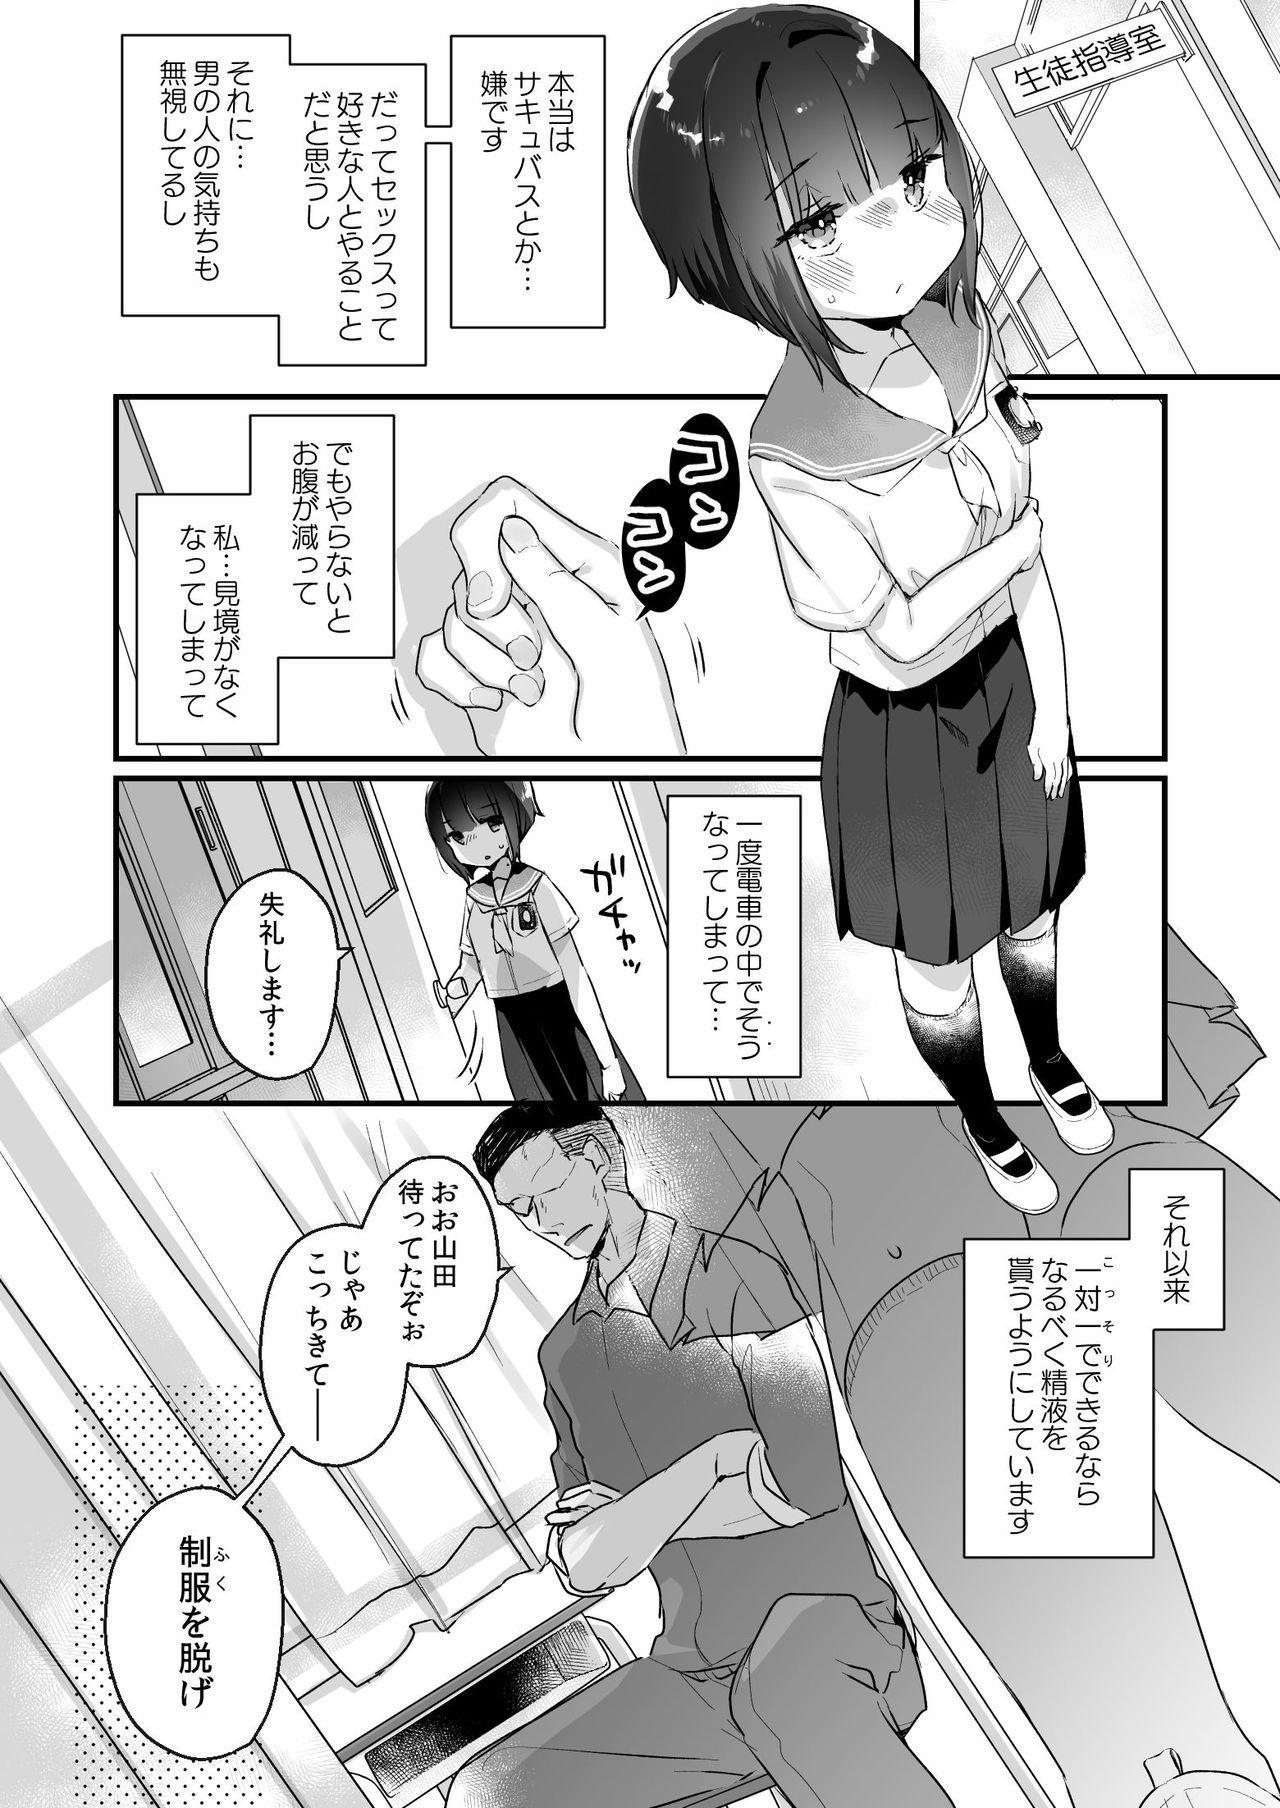 Naritakunai no ni Succubus ni Natte Shimatta Yamada-san 6